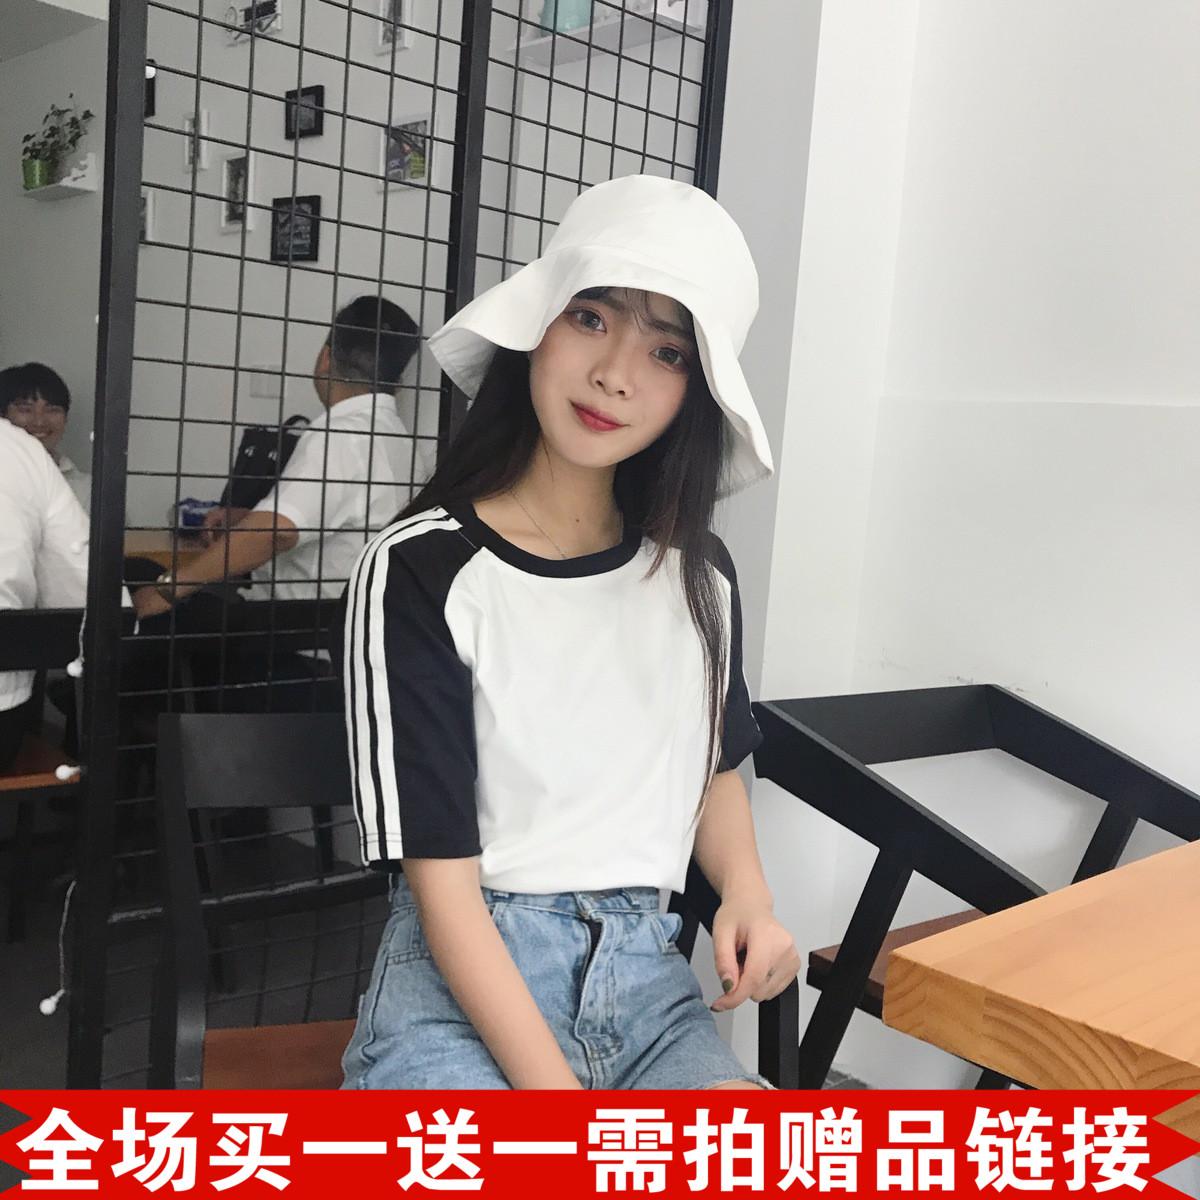 夏装女装韩版原宿风情侣款宽松显瘦短袖T恤中袖条纹袖学生上衣潮